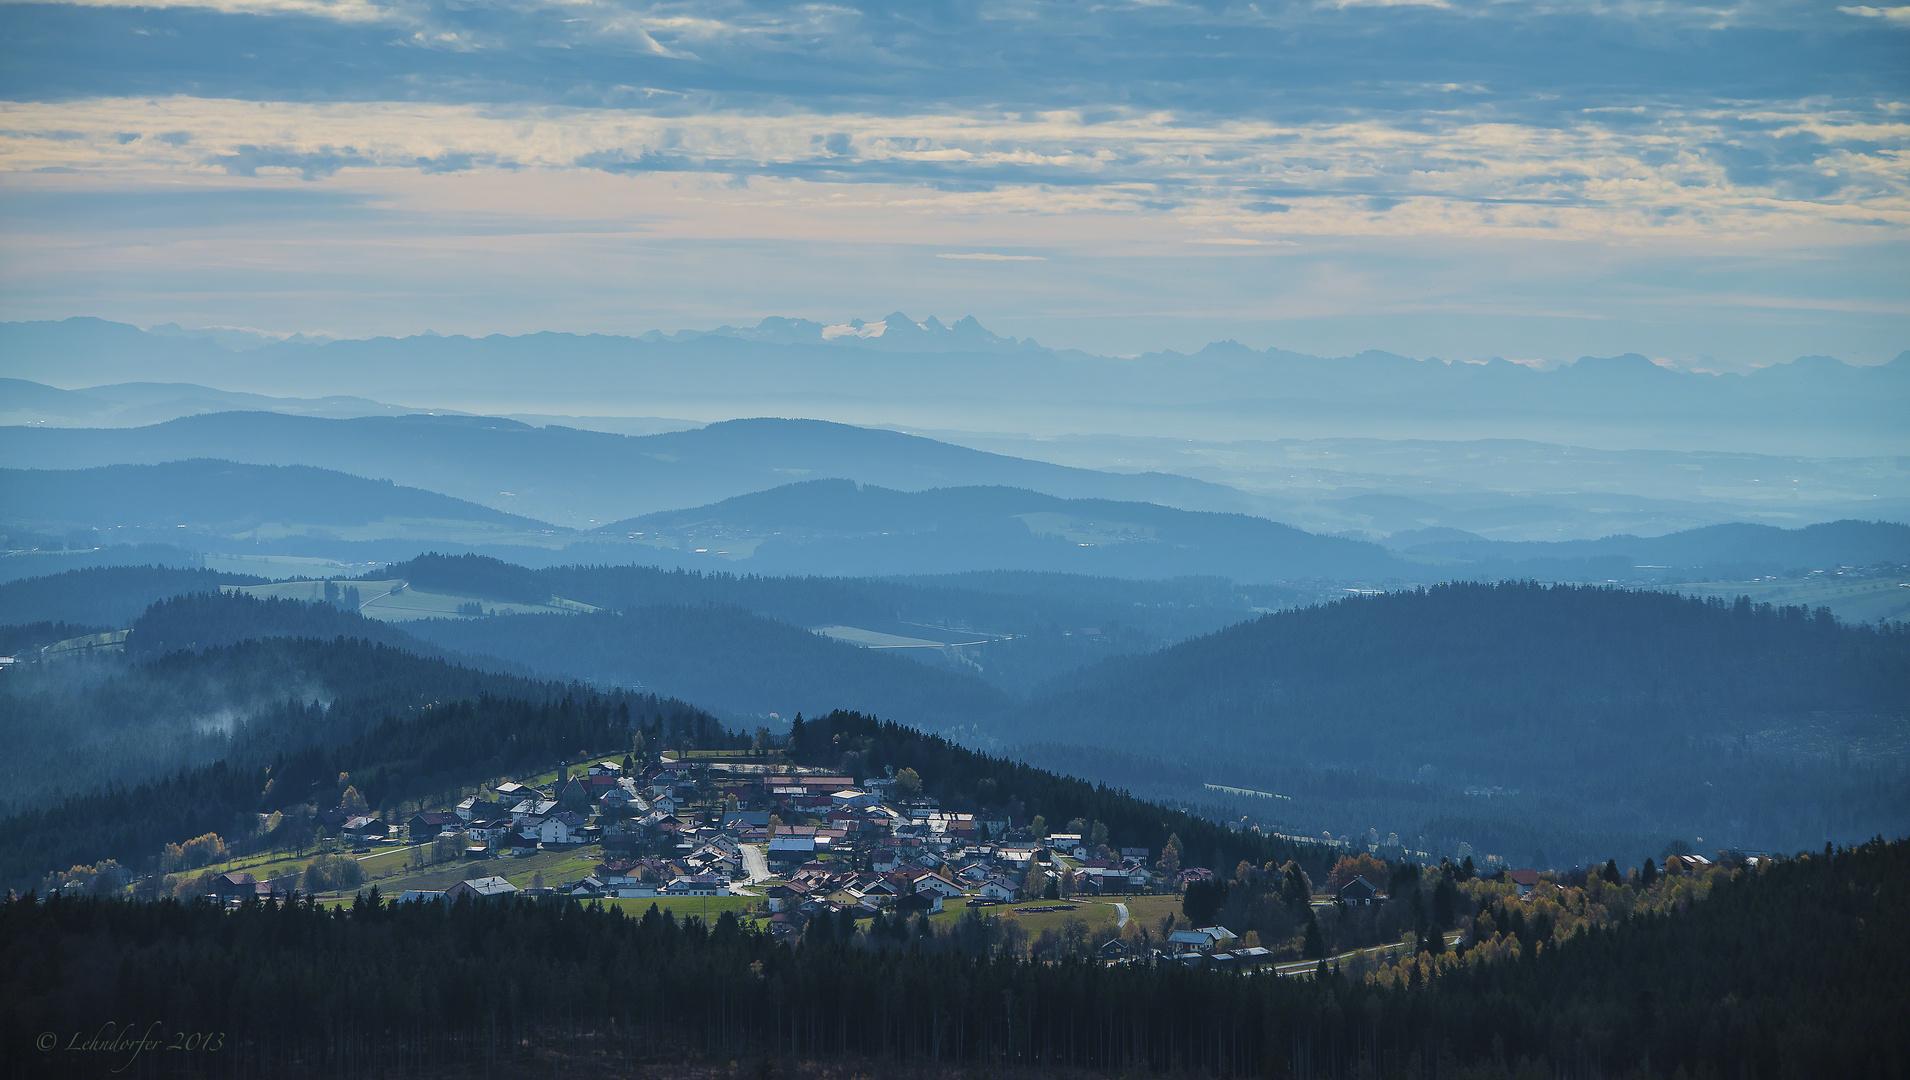 Blick über Finsterau, die Höhenzüge des Bayerischen Waldes bis hin zu den Alpen